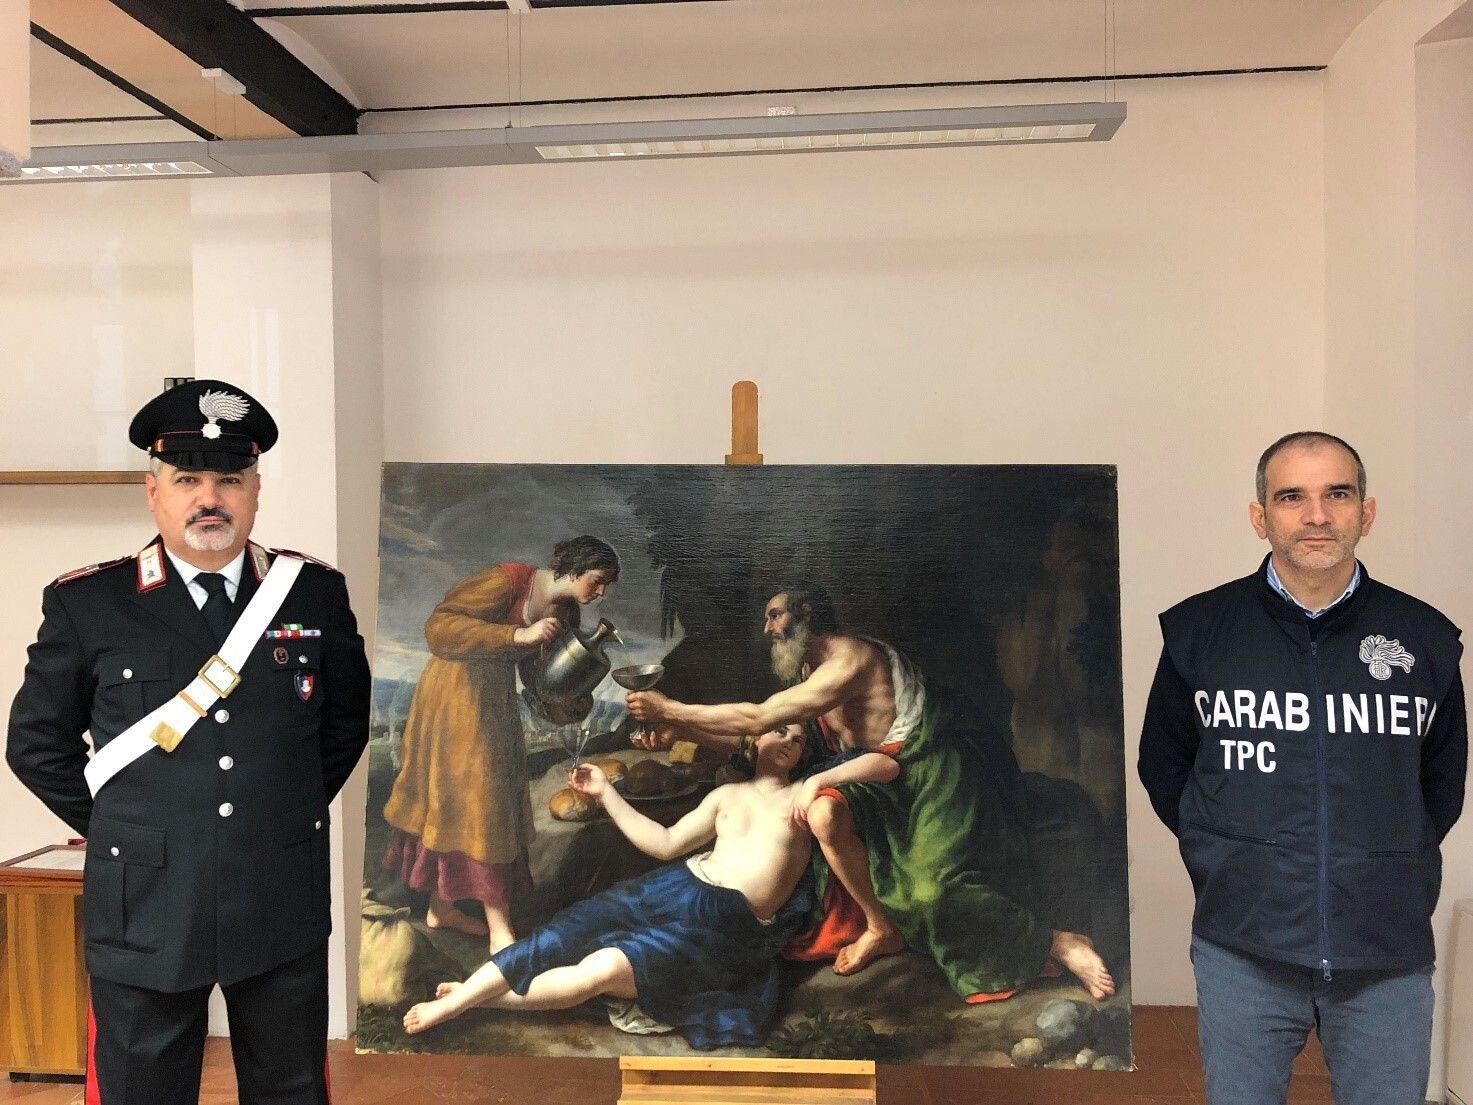 648x415 carabinier italien pose cote tableau poussin derobe 1944 nazis restitues proprietaires mars 2021